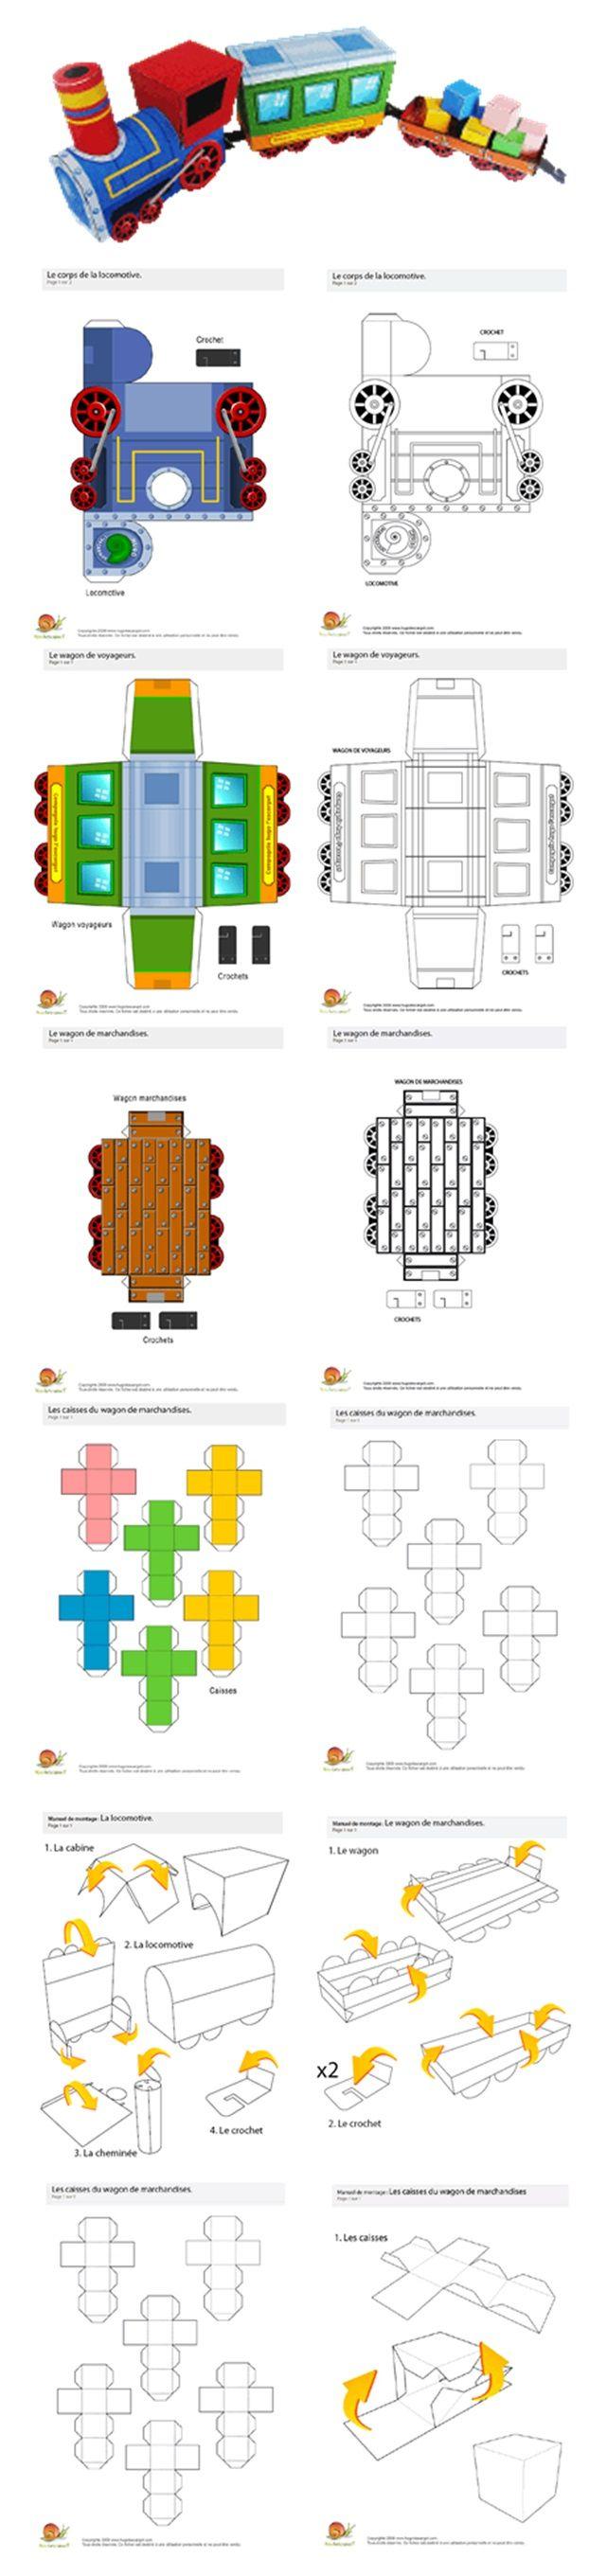 Printable Toys For Tots Train : Train en papier imprimable más imprimibles gratuitos